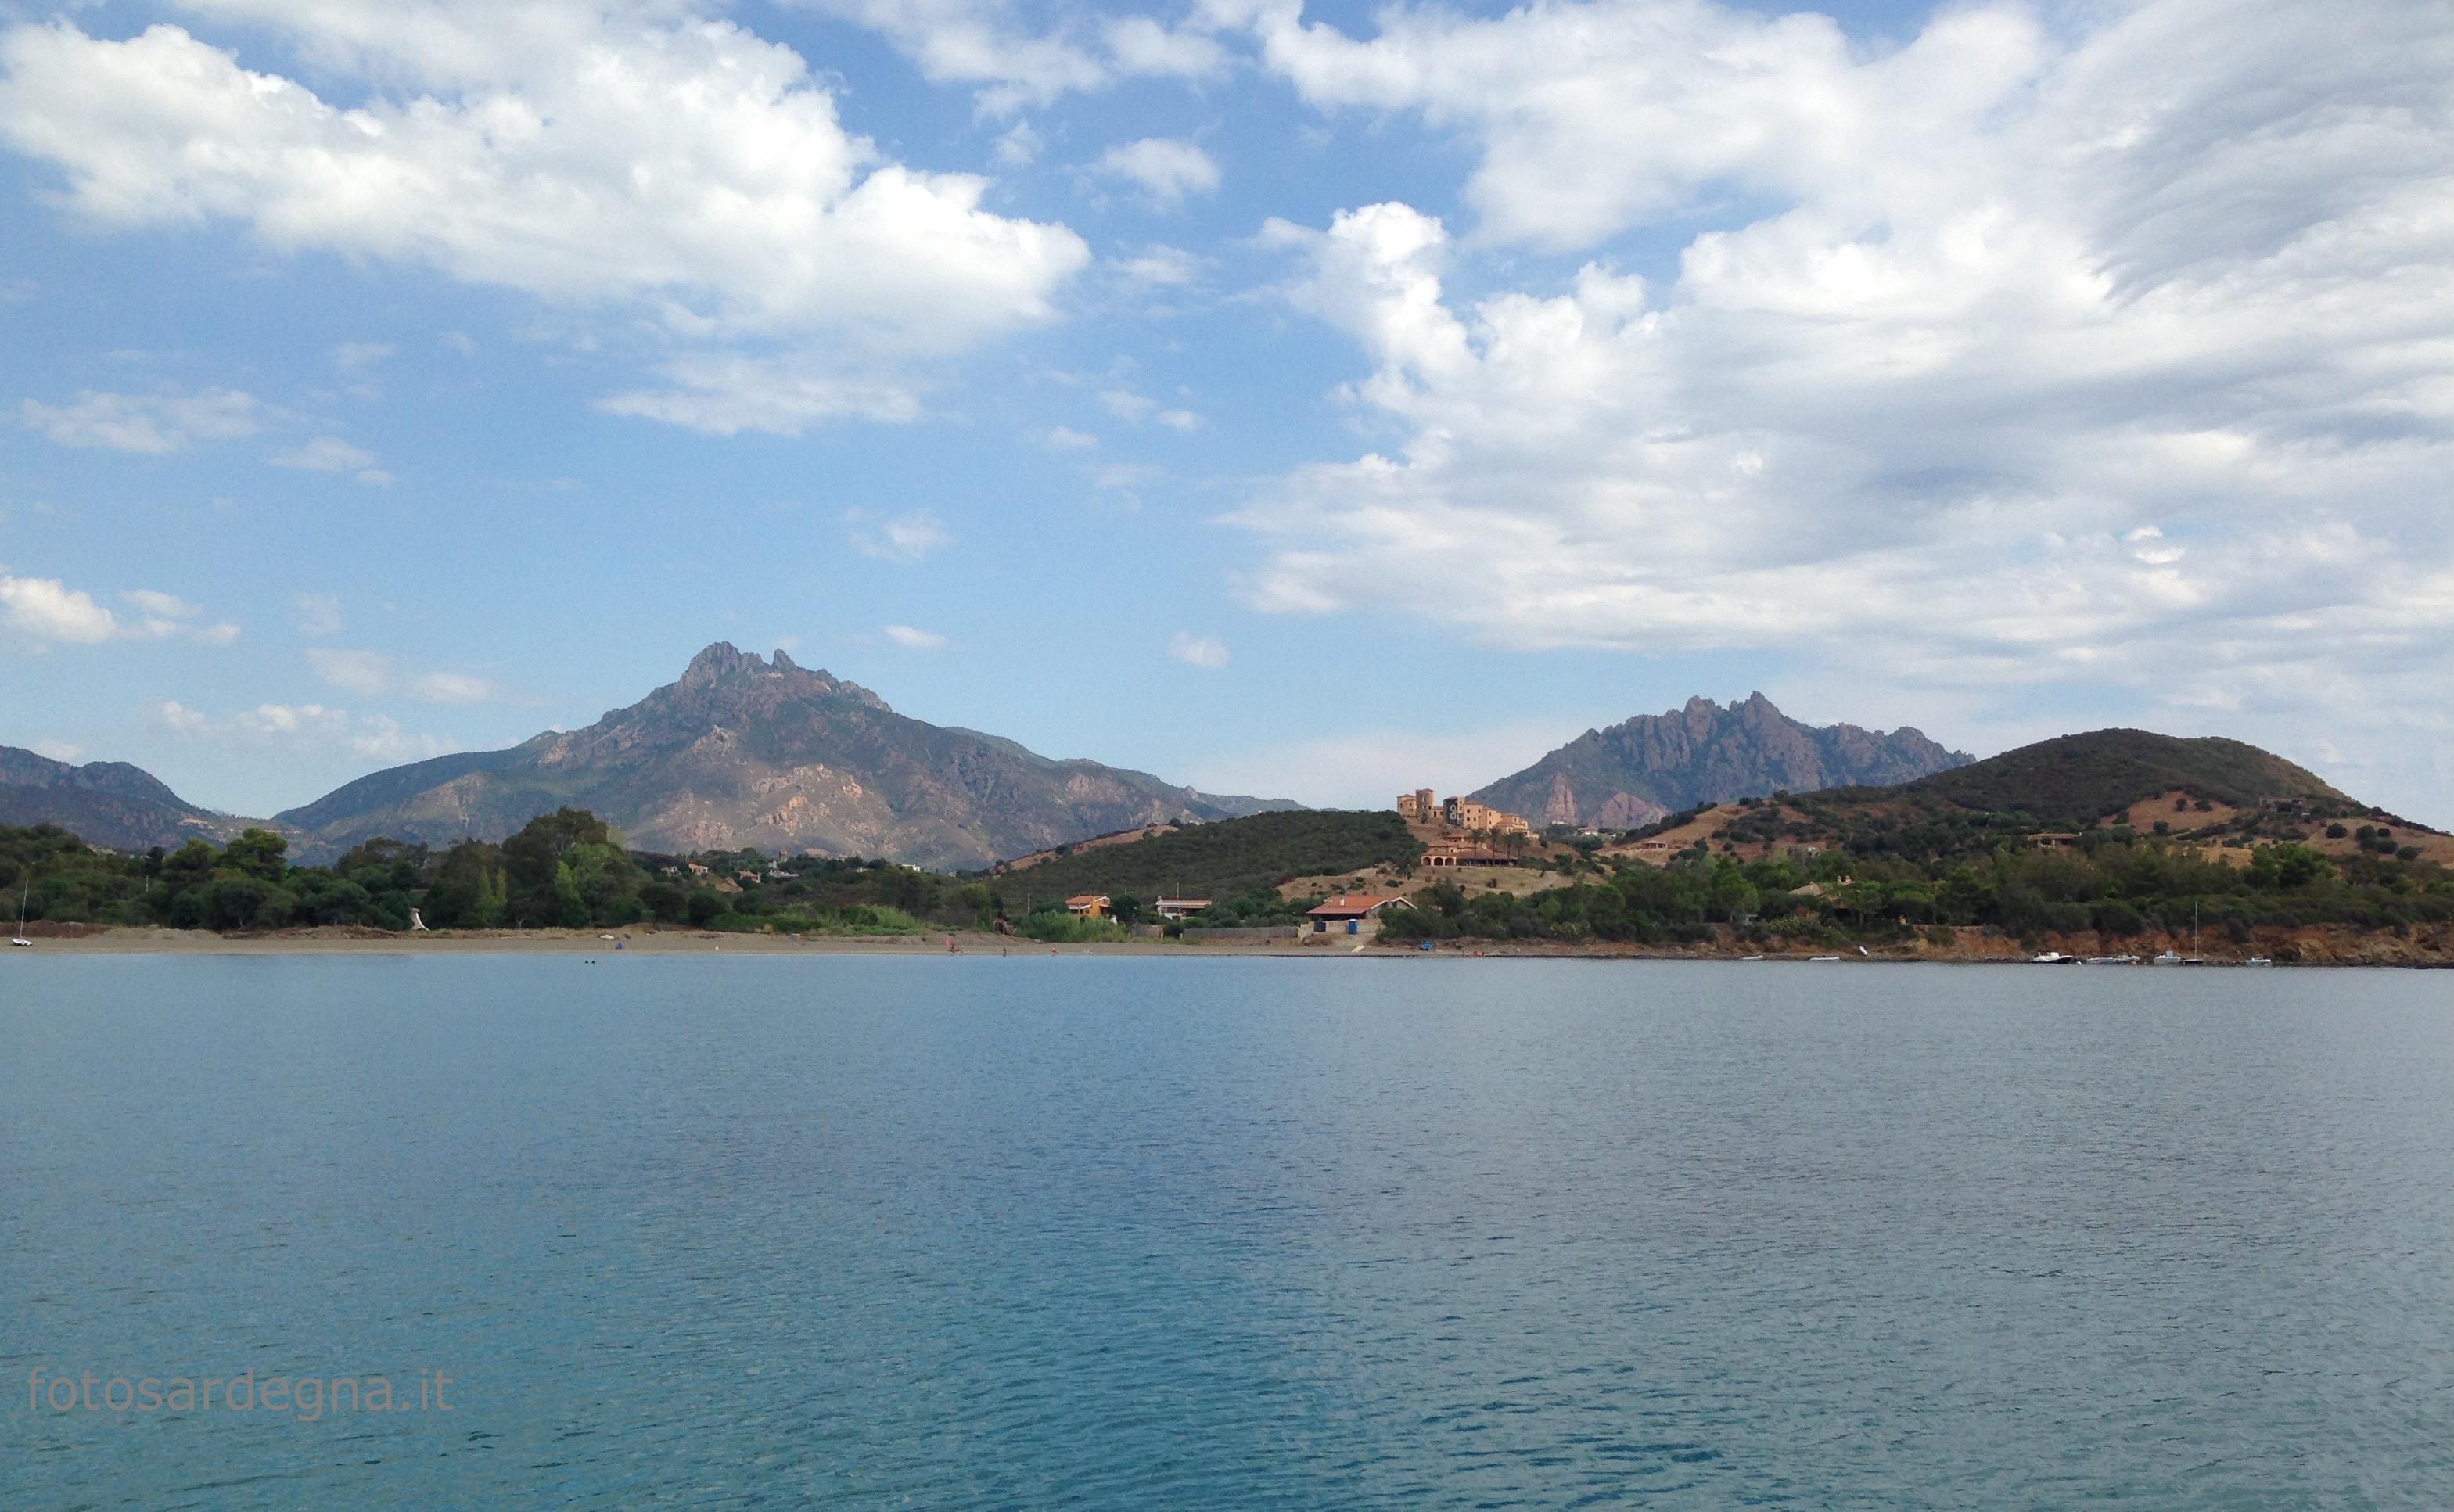 Vista dalla Baia di Sarrala del massiccio di Monte Ferru e, a destra, Punta Cartucceddu.